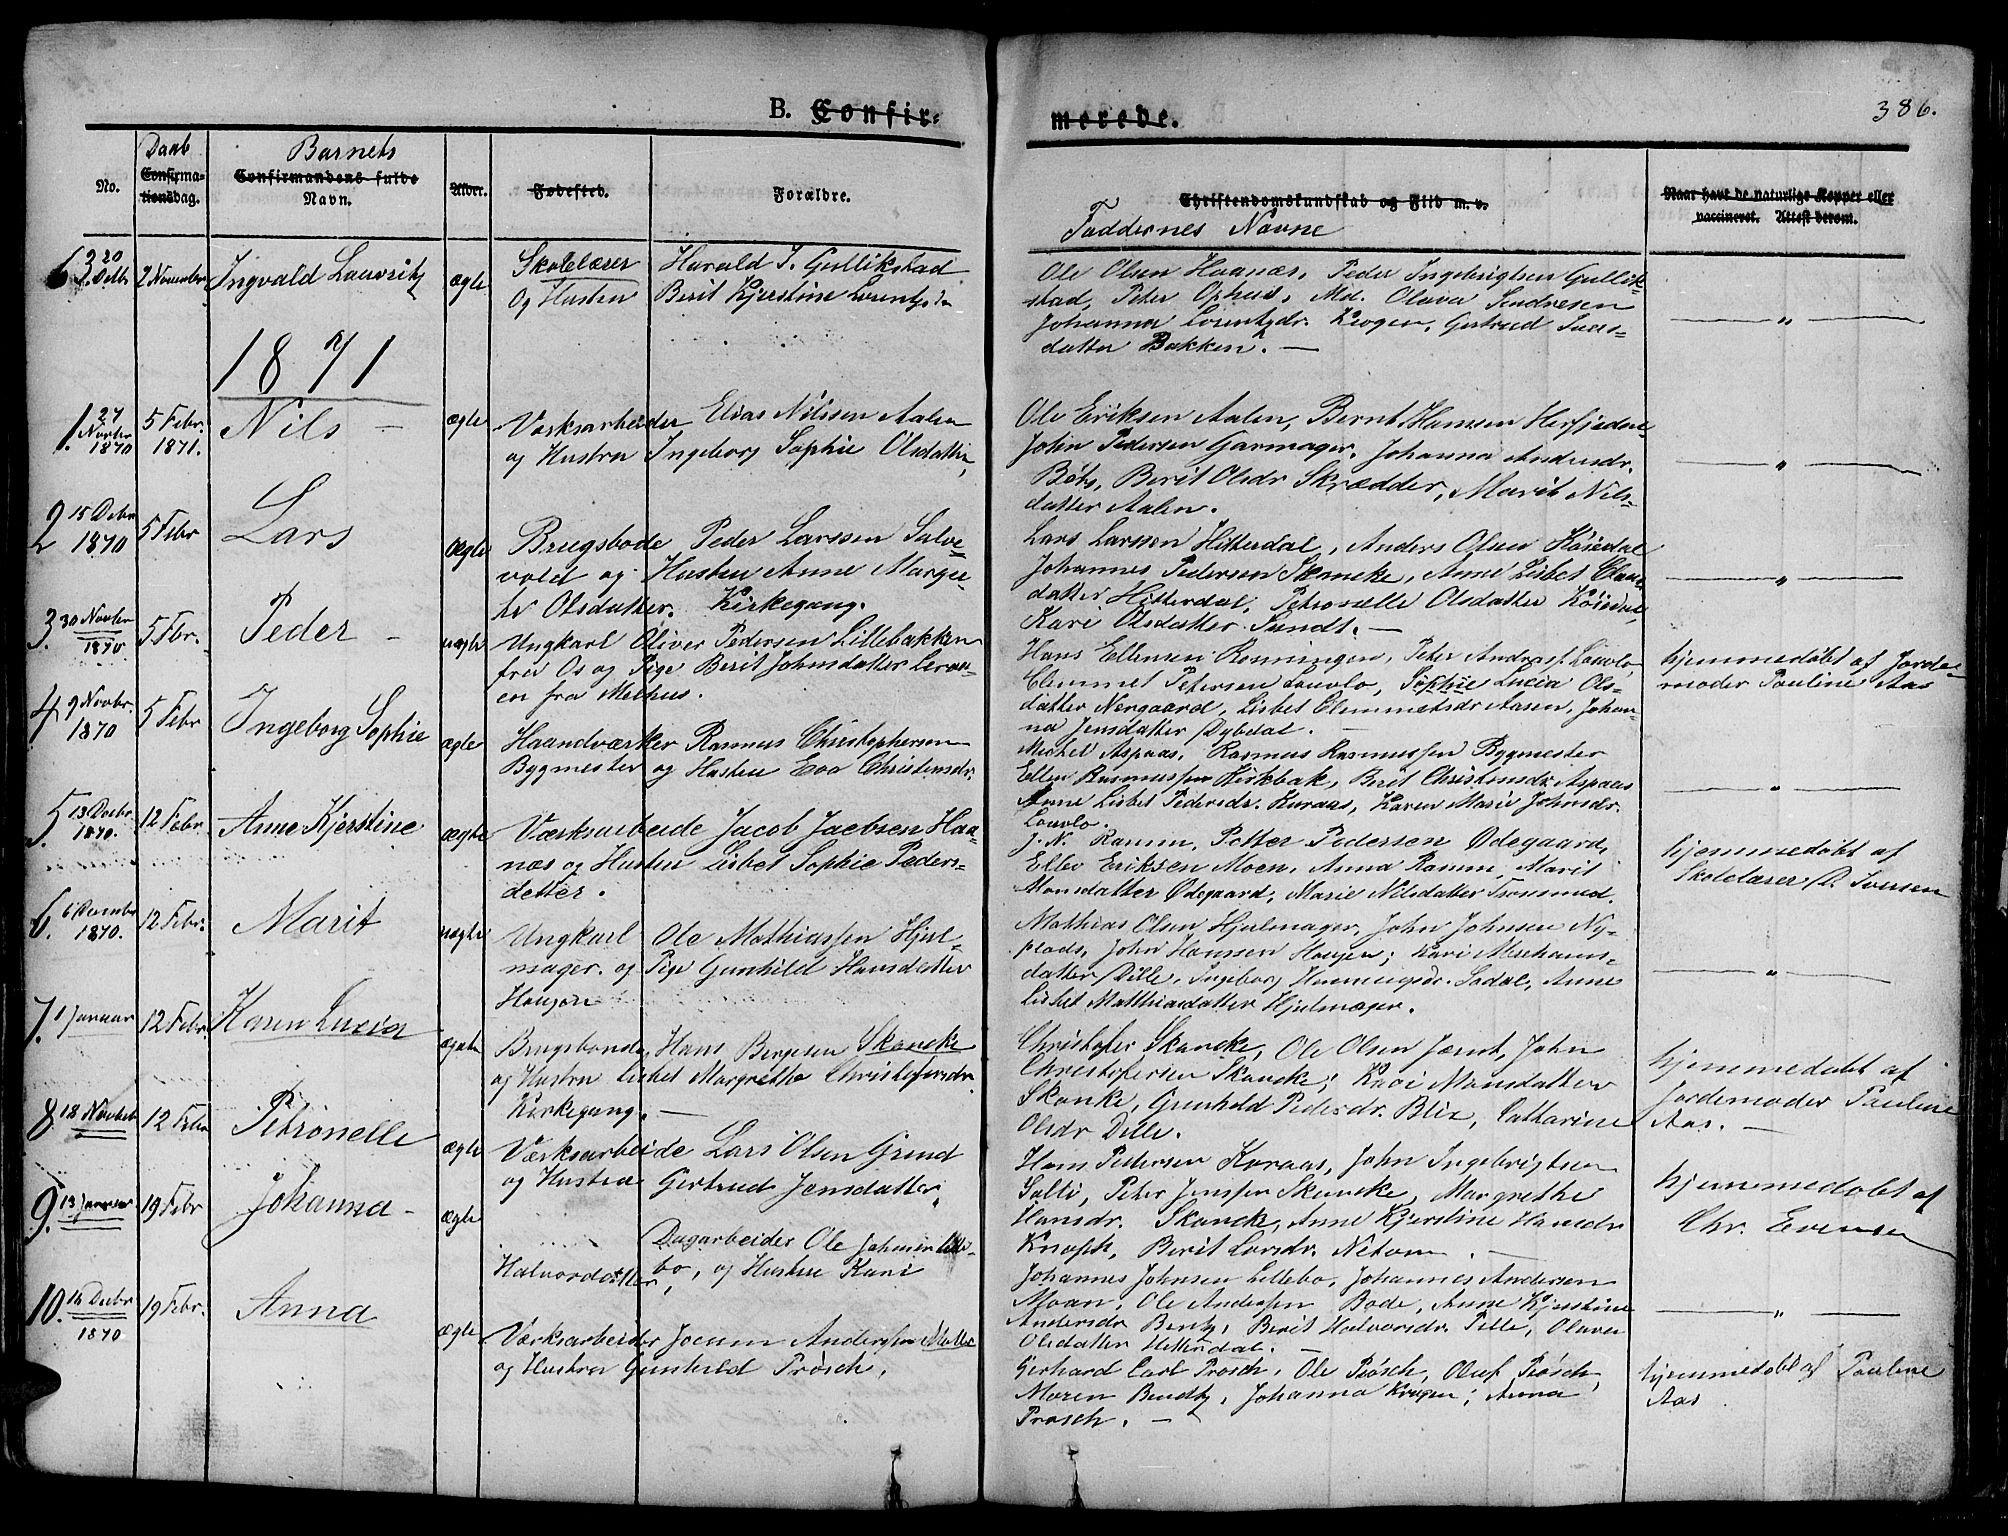 SAT, Ministerialprotokoller, klokkerbøker og fødselsregistre - Sør-Trøndelag, 681/L0938: Klokkerbok nr. 681C02, 1829-1879, s. 386